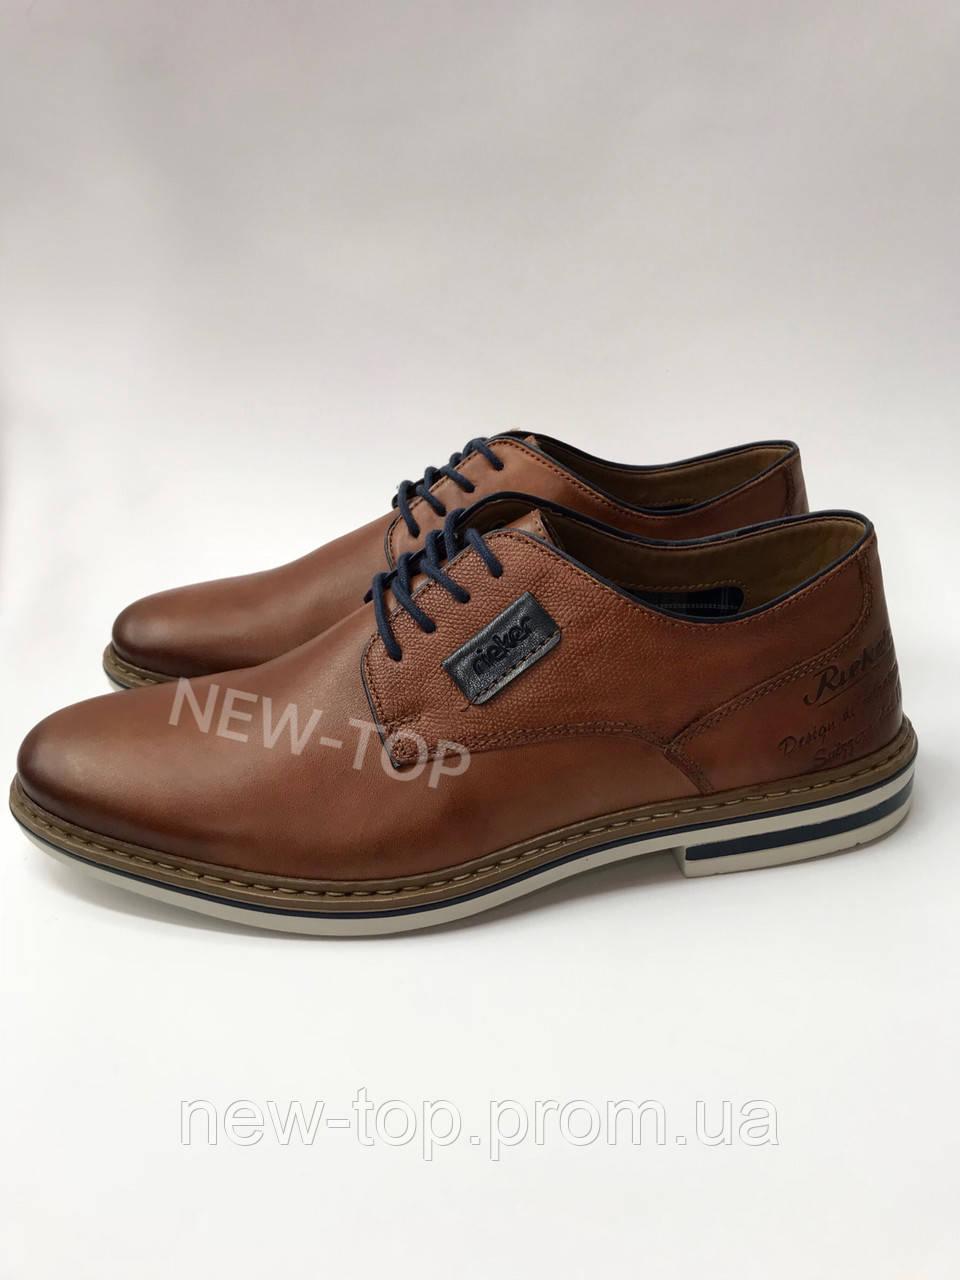 f9f0573f1 Мужские туфли Rieker В1424-24 - Интернет-магазин обуви и аксессуаров